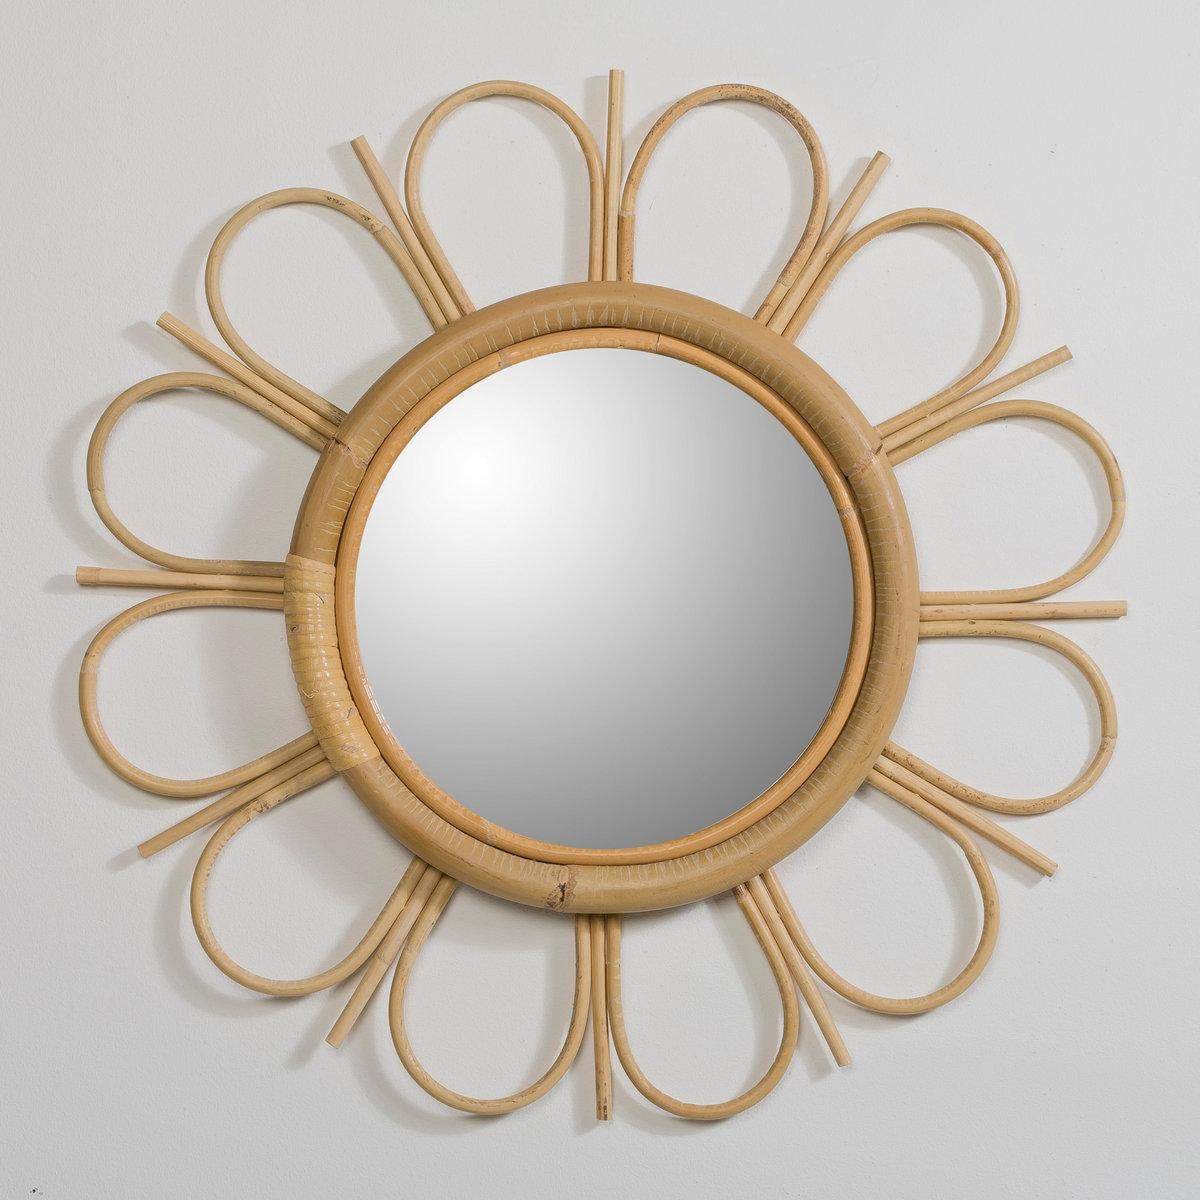 Зеркало из ротанга YasuЗеркало Yasu из ротанга. Зеркало в форме маргаритки, из ротанга, с отделкой натурального цвета. Описание зеркала Yasu  :Настенное крепление, в комплект не входит.Характеристики зеркала Yasu :Натуральный ротанг  Отделка натуральных цветов.Найдите коллекцию Yasu на сайте laredoute.ruРазмеры зеркала Yasu  :Диаметр 52 см, толщина 3 см .<br><br>Цвет: серо-бежевый<br>Размер: единый размер